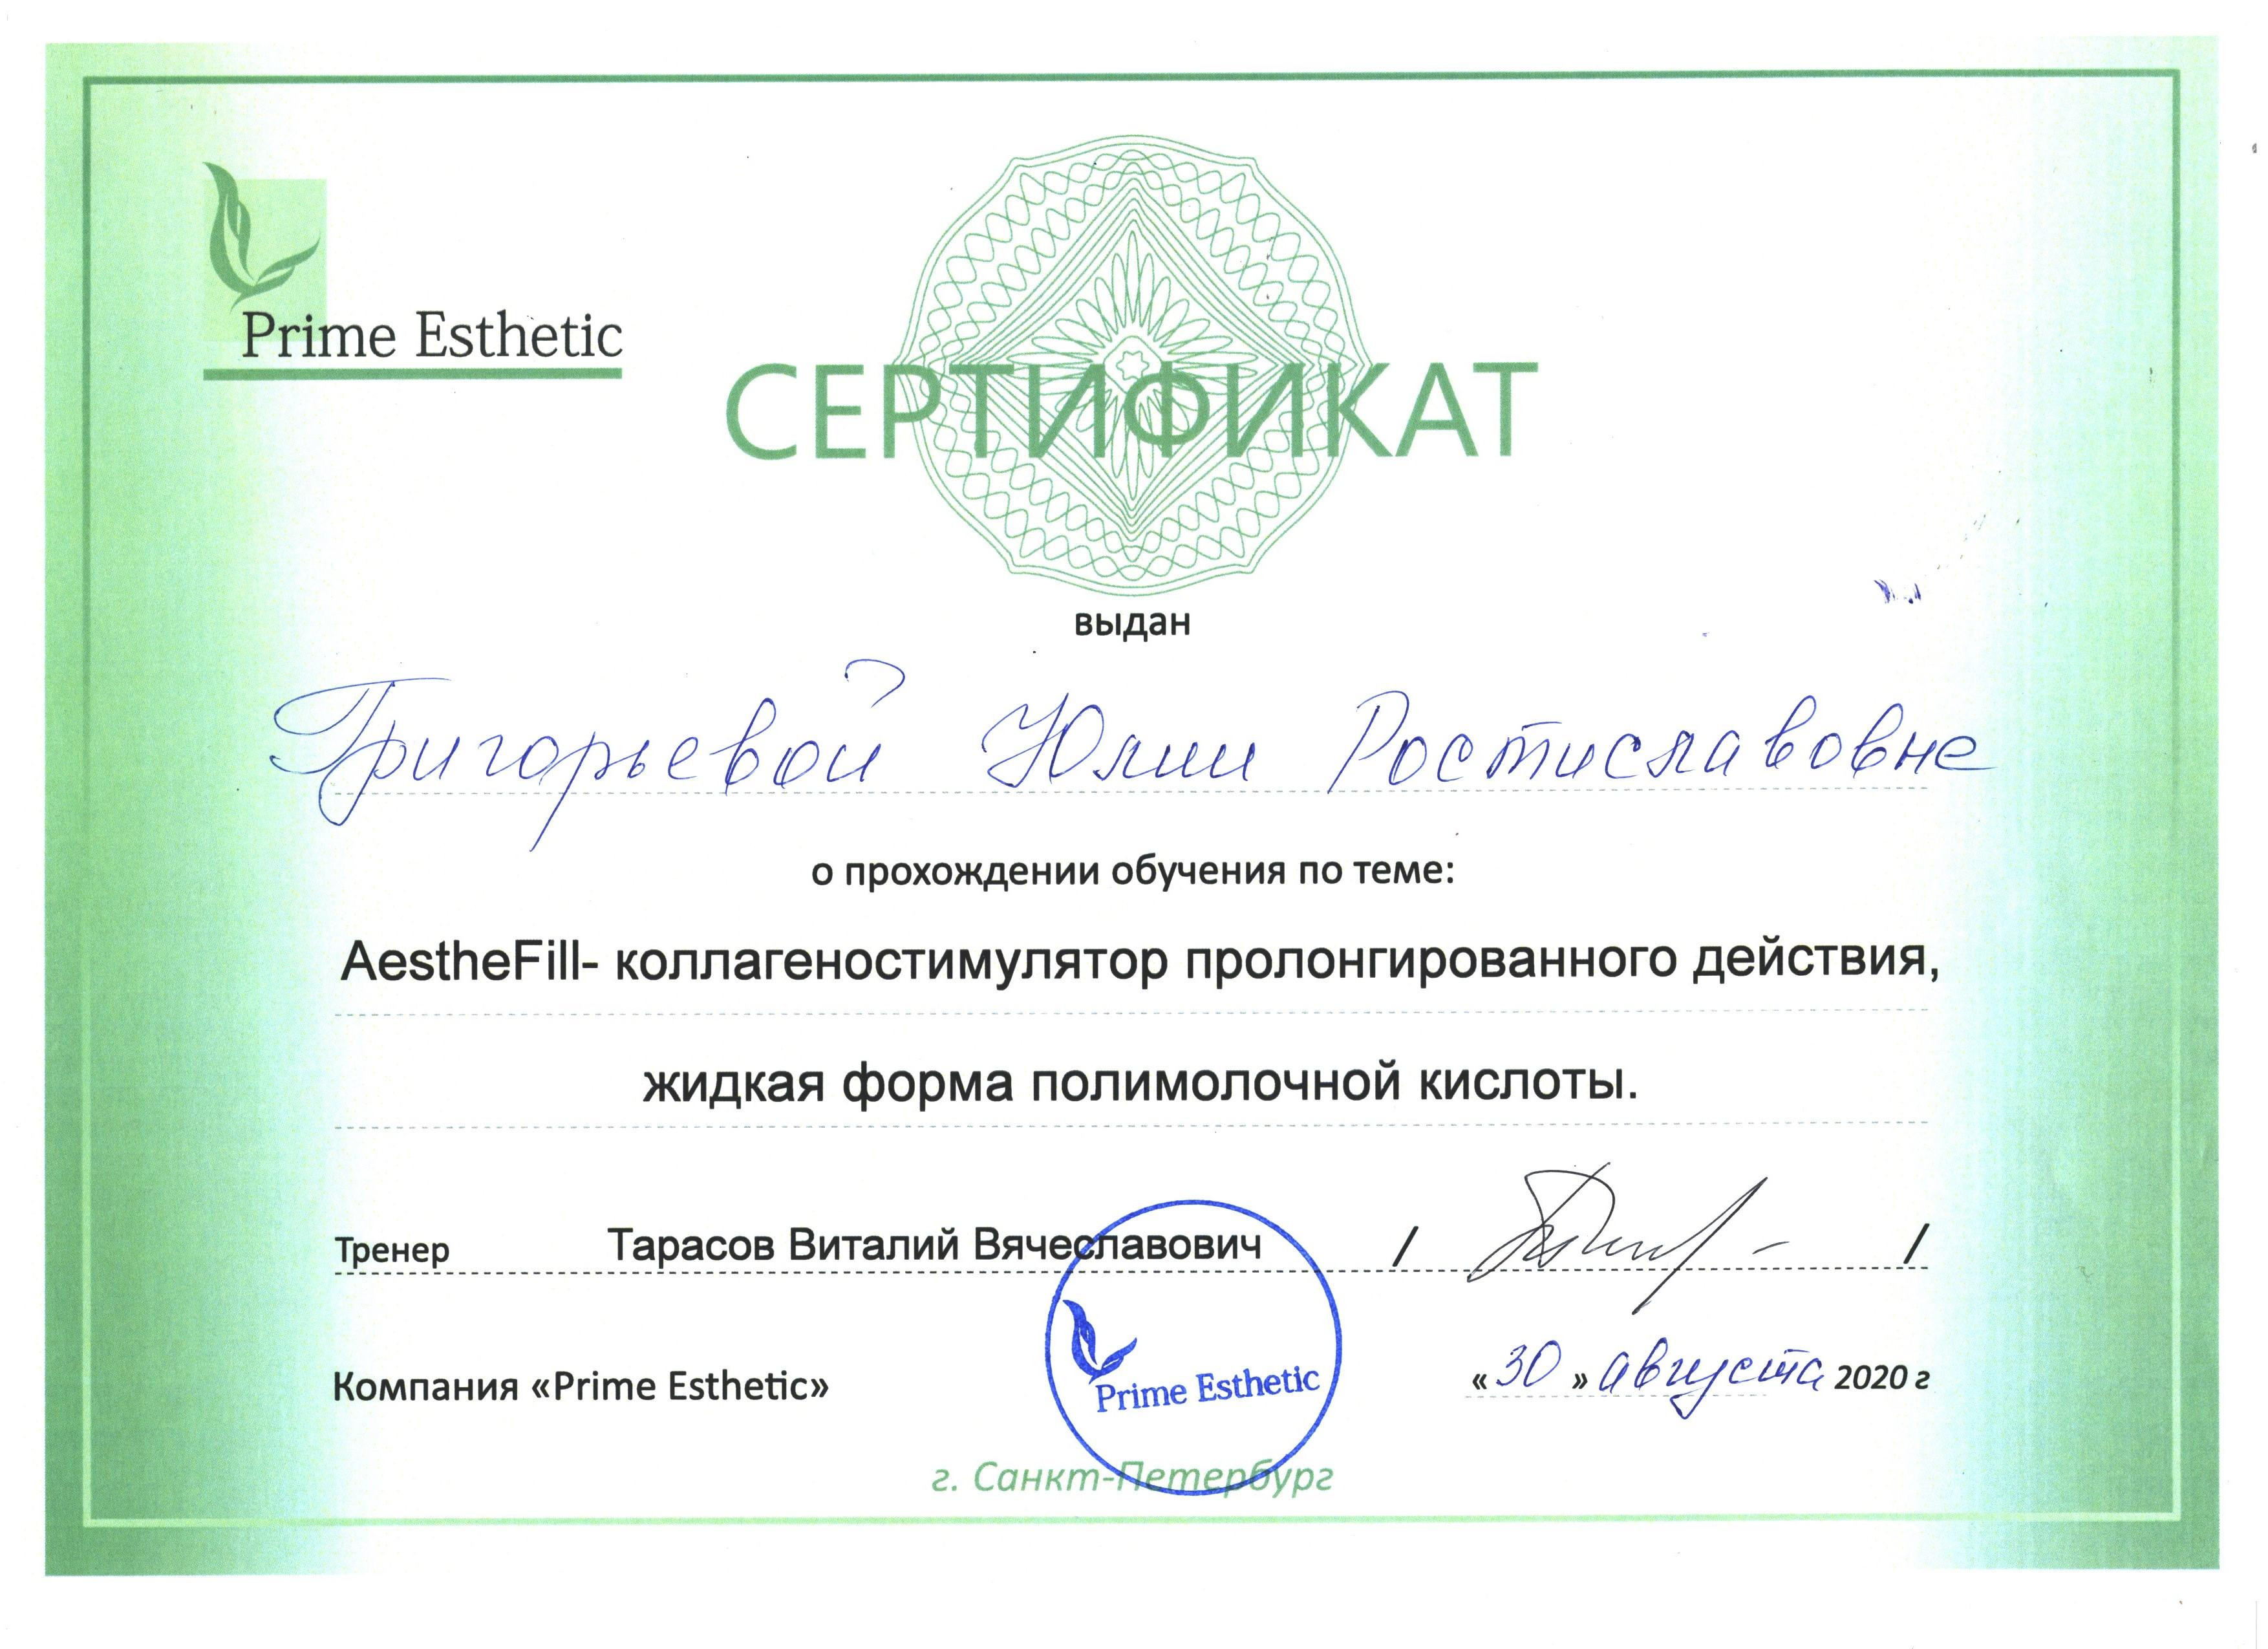 Сертификат — Обучение «Aesthe-Fill». Григорьева Юлия Ростиславовна